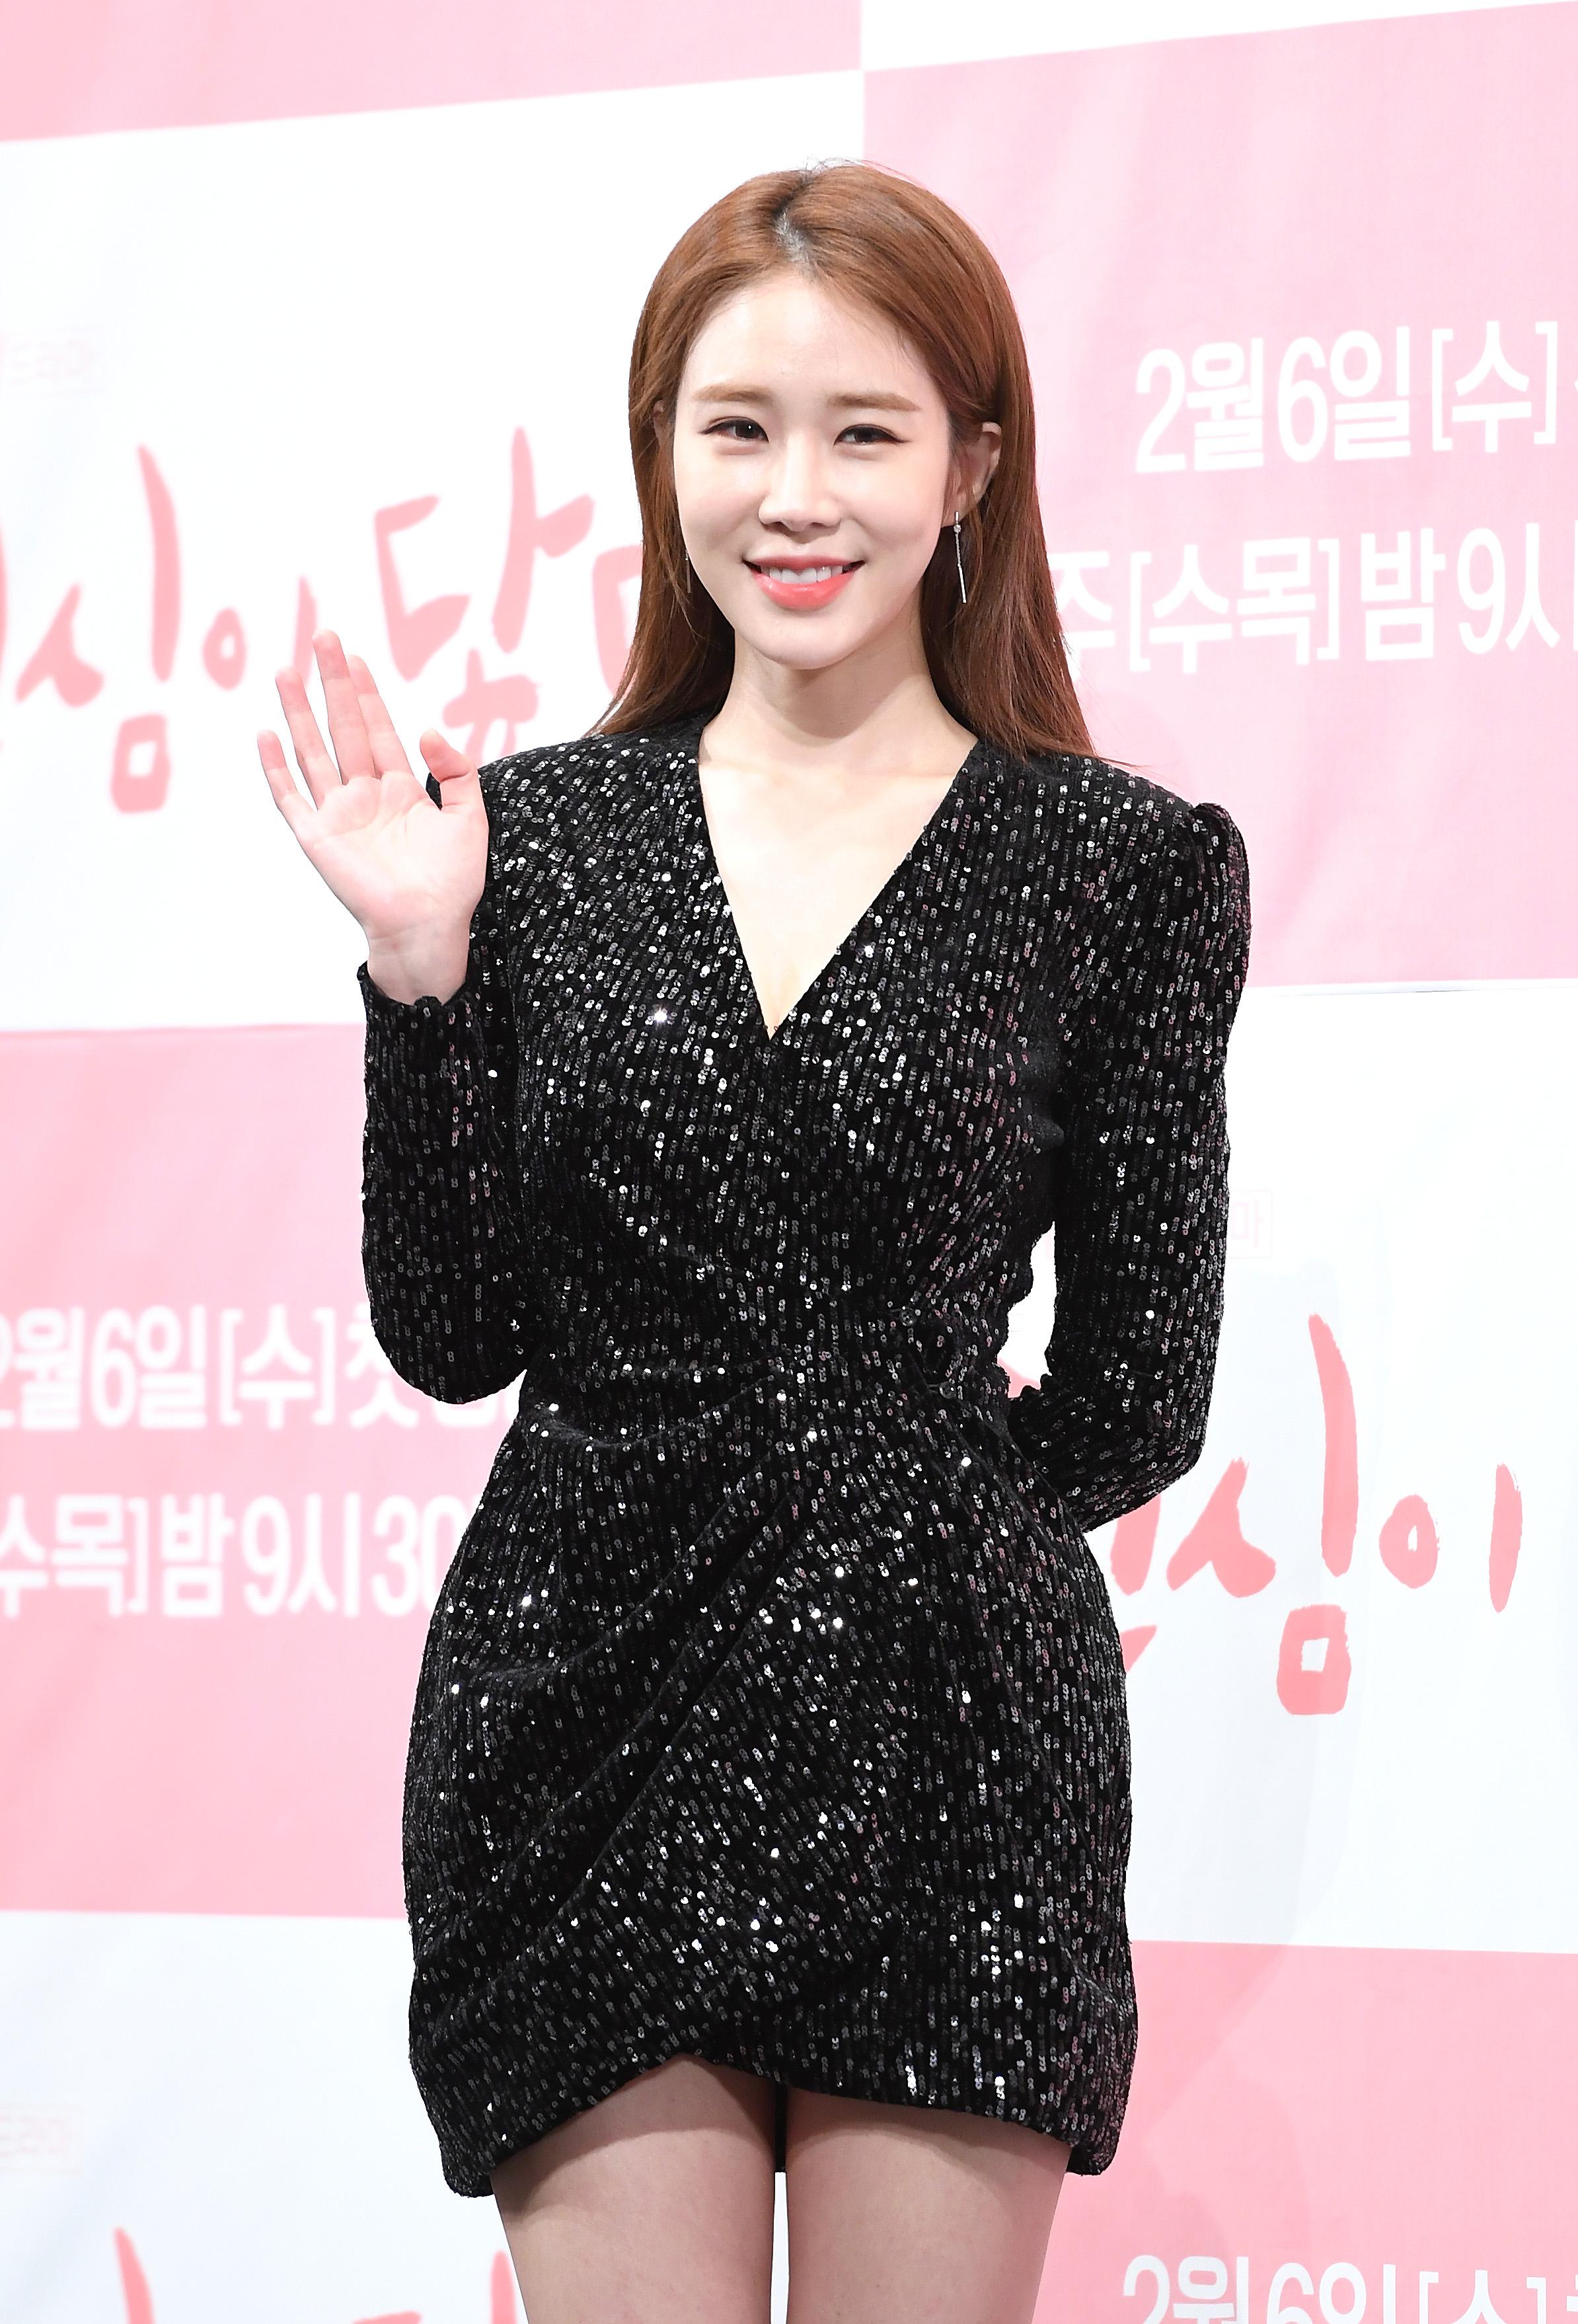 """유인나 측 """"\'나를 사랑한 스파이\' 출연? 검토 중인 작품""""(공식입장)"""